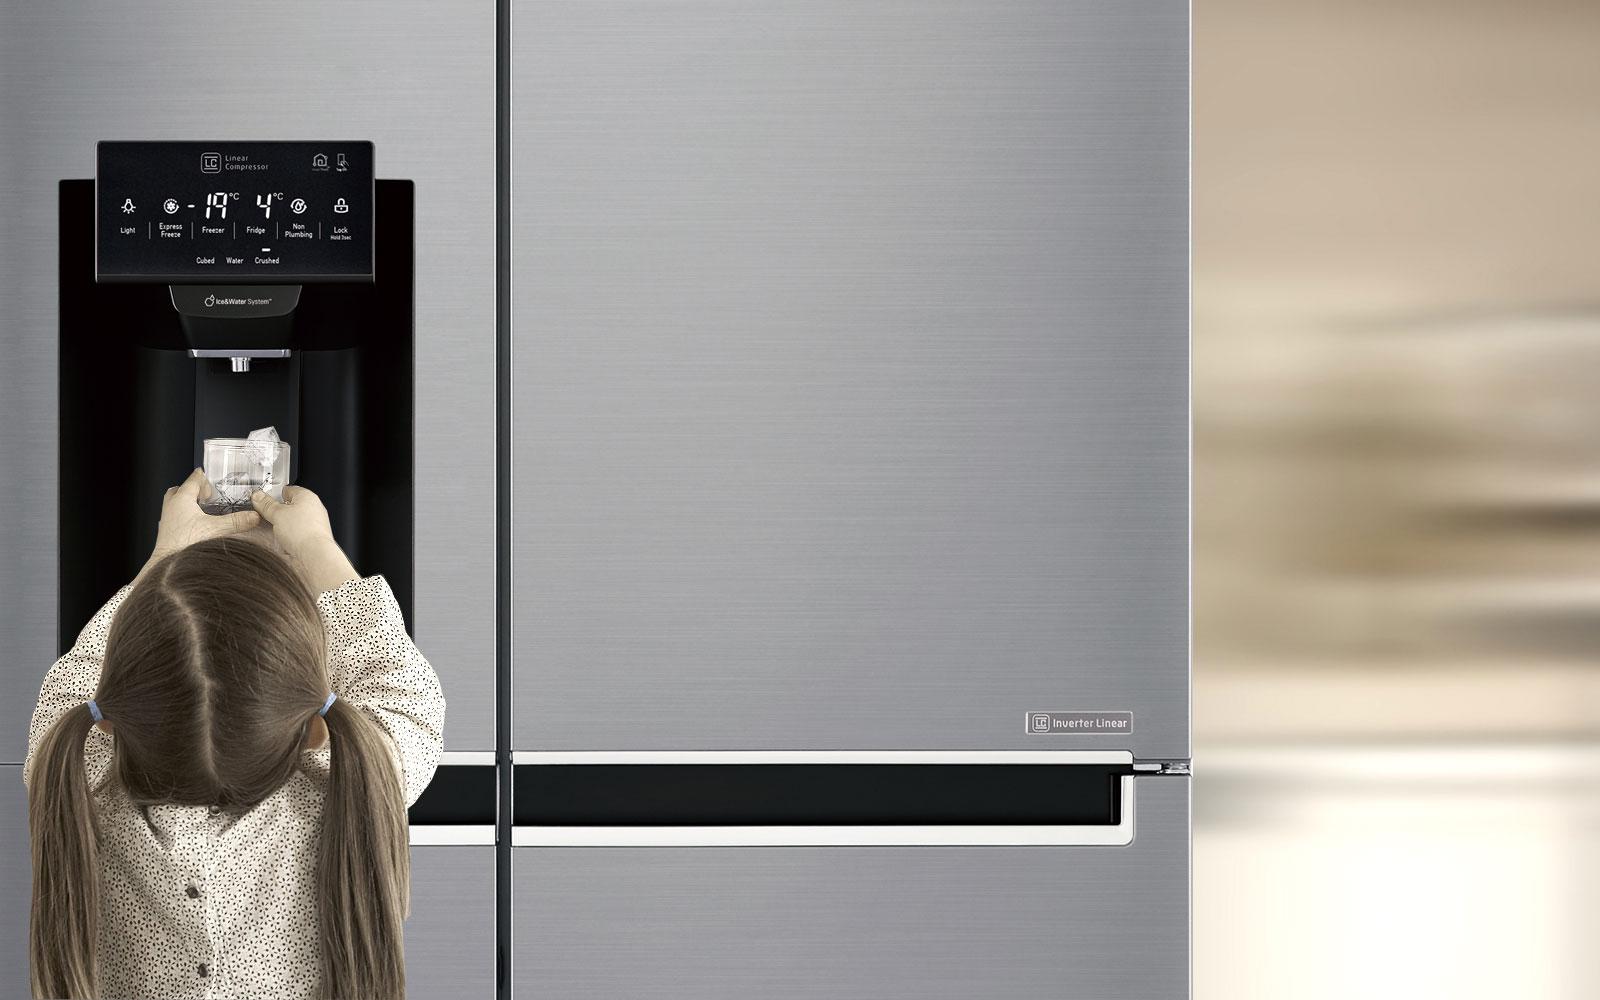 LG Fridges - Tall Ice & Water Dispenser